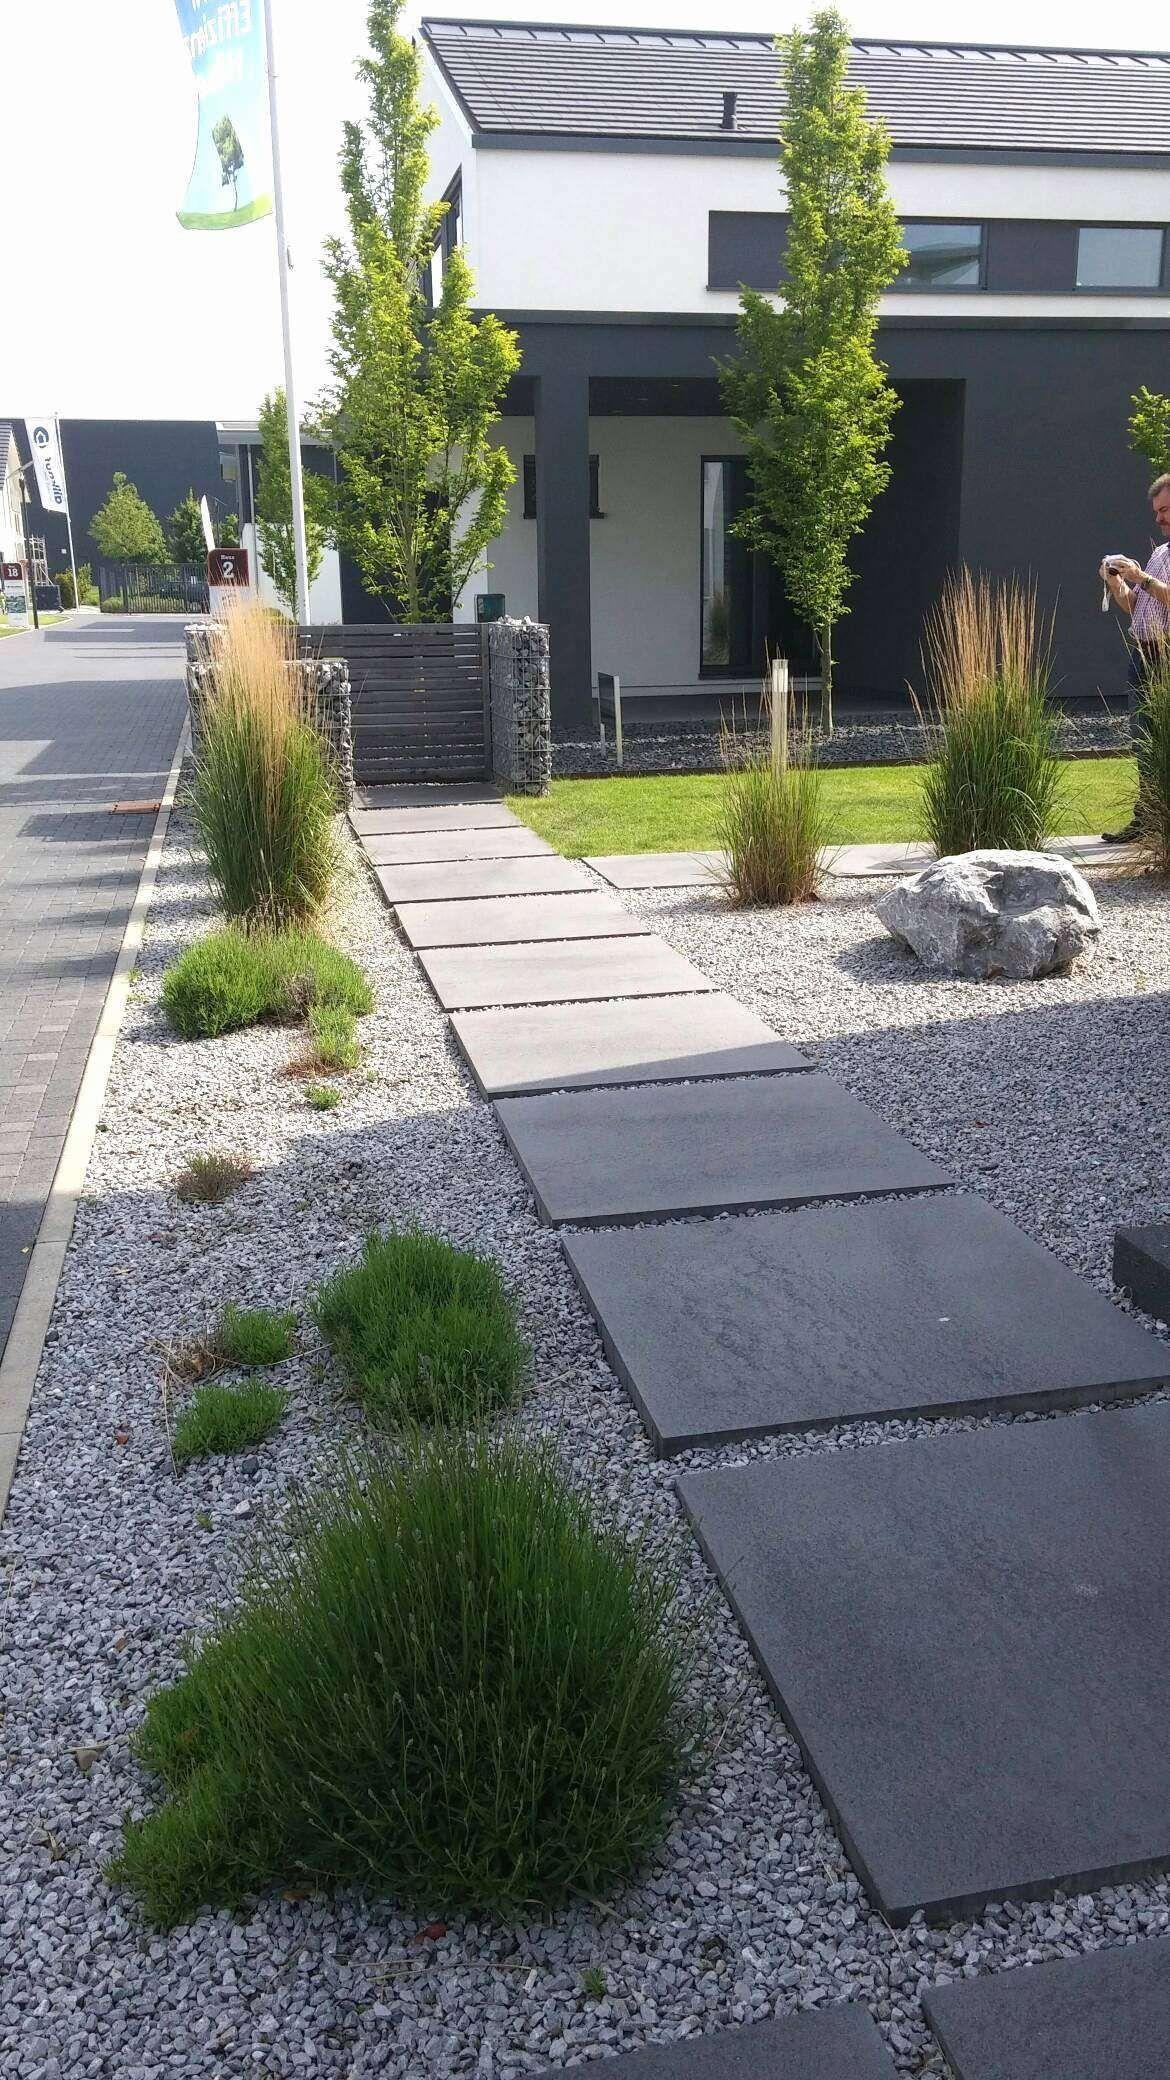 Vorgarten Ideen Frisch Garten Ideas Garten Anlegen Lovely Aussenleuchten Garten 0d